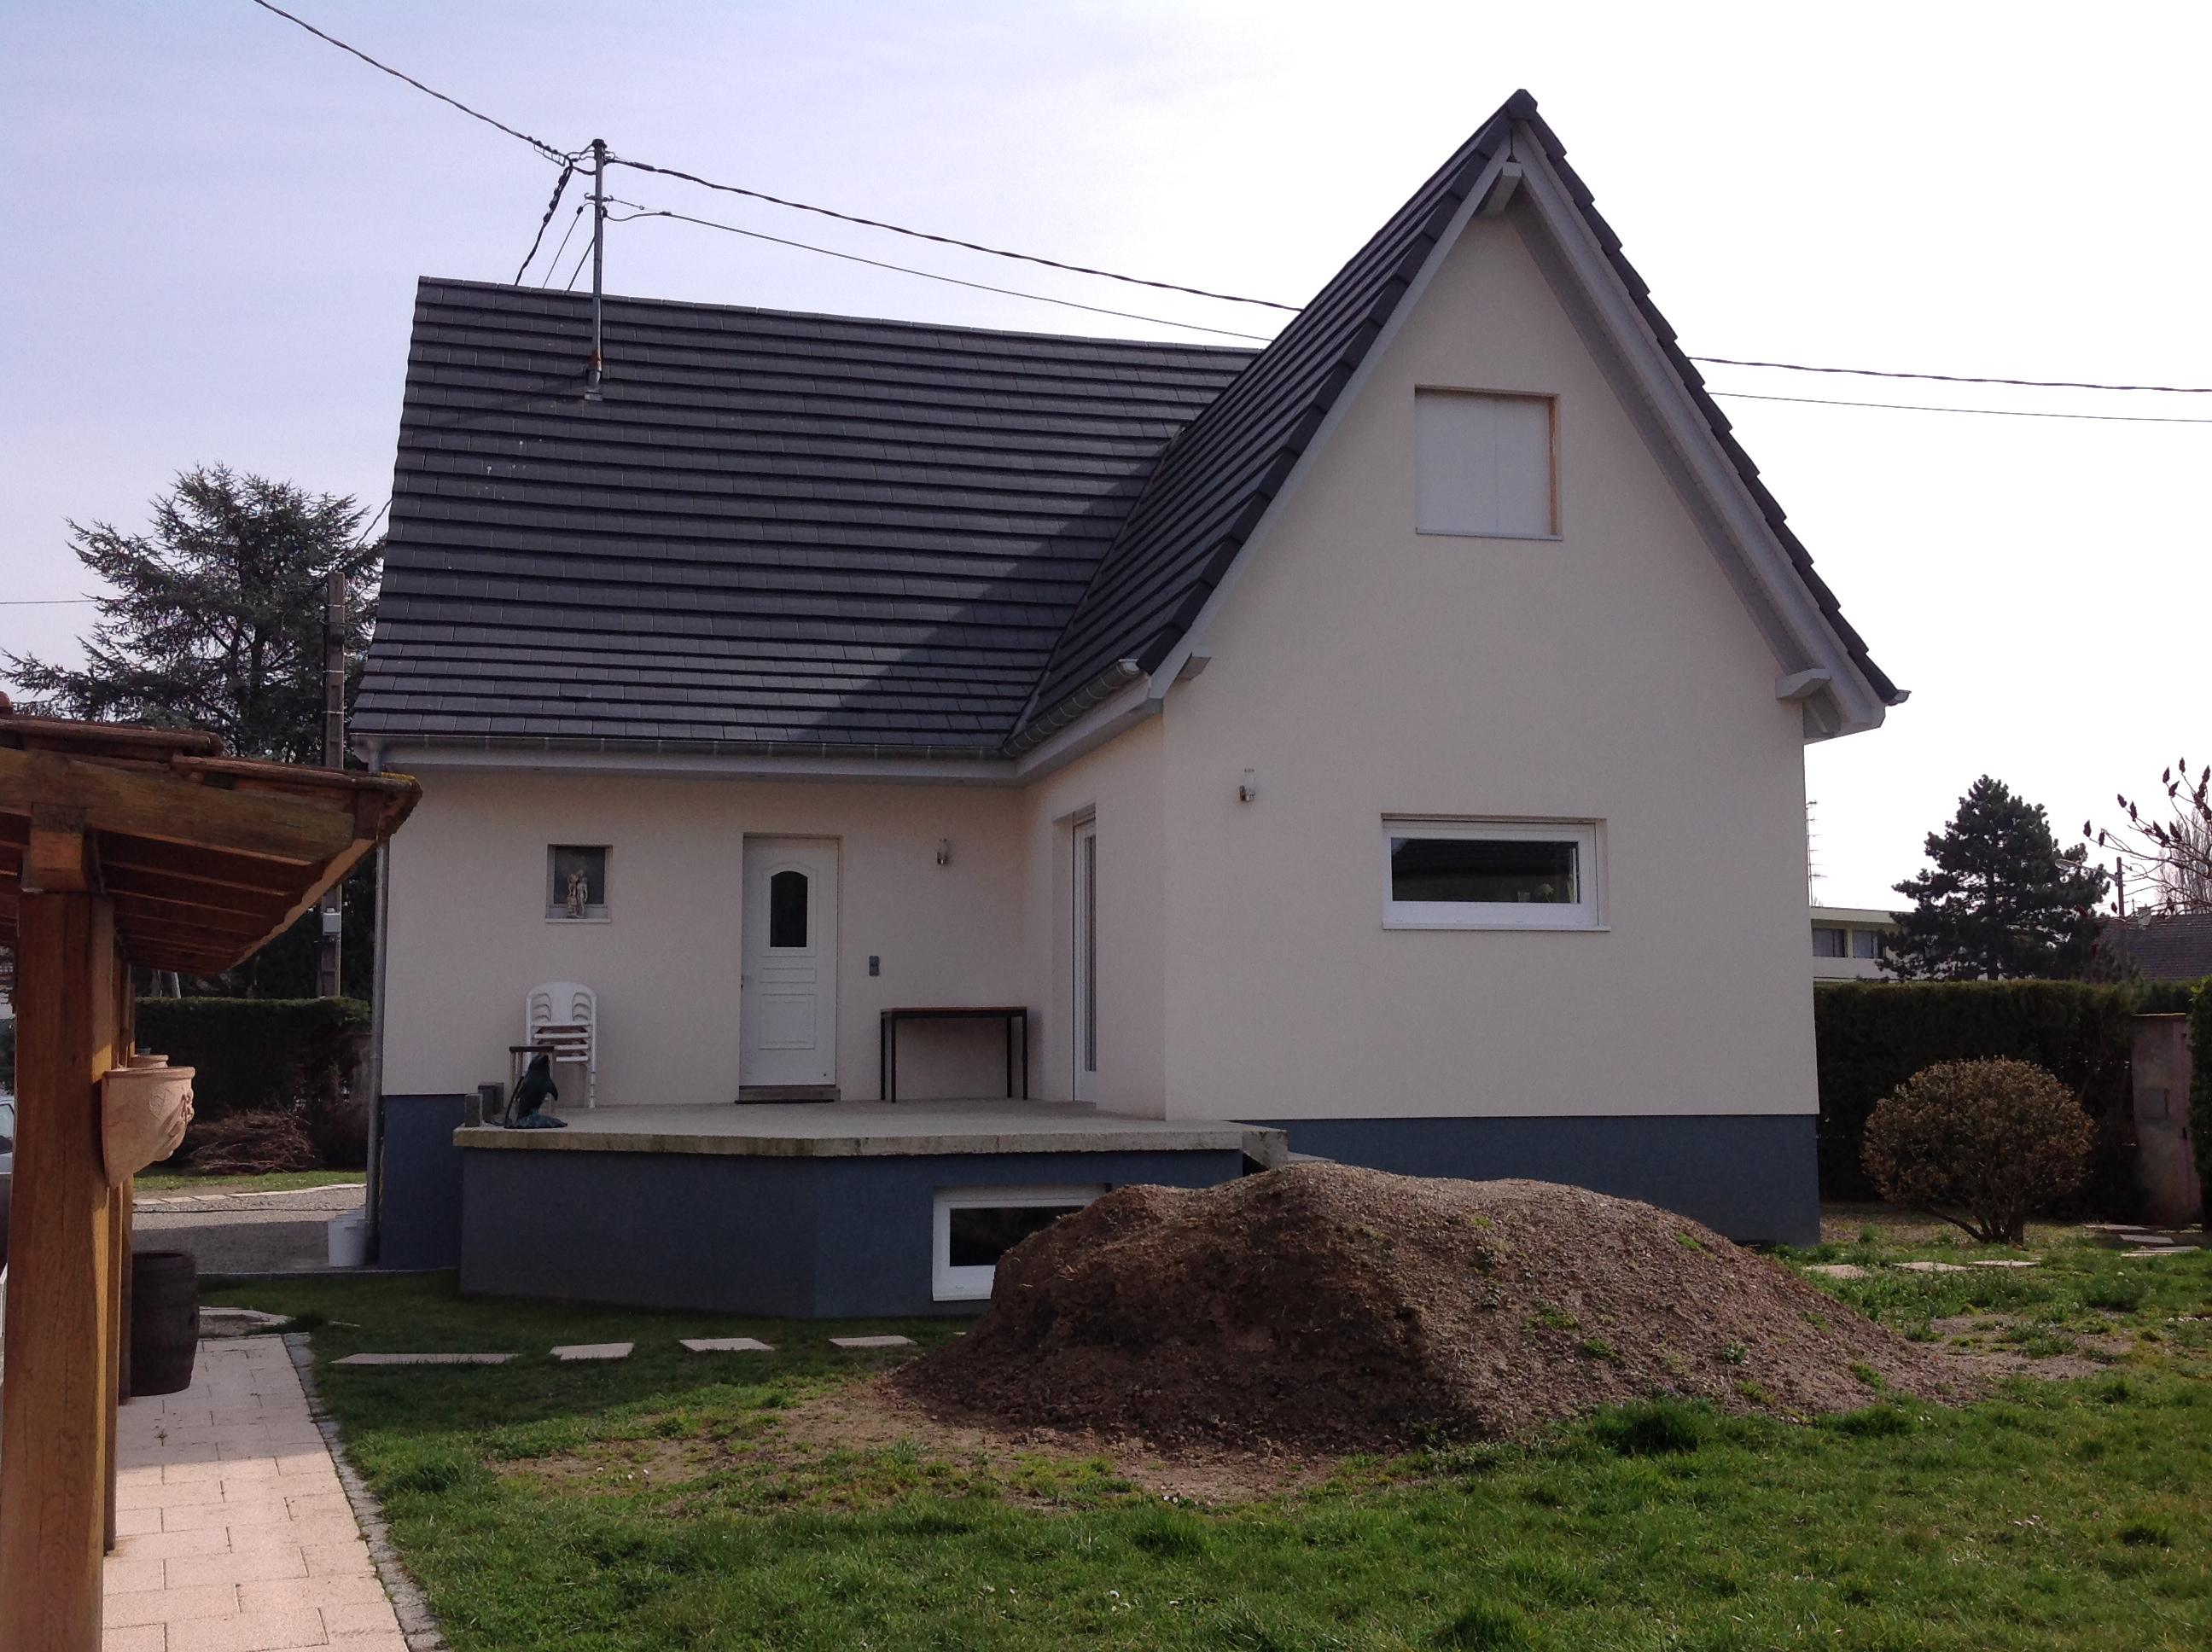 Extension avec toiture deux pans abt construction bois for Extension maison zone rurale